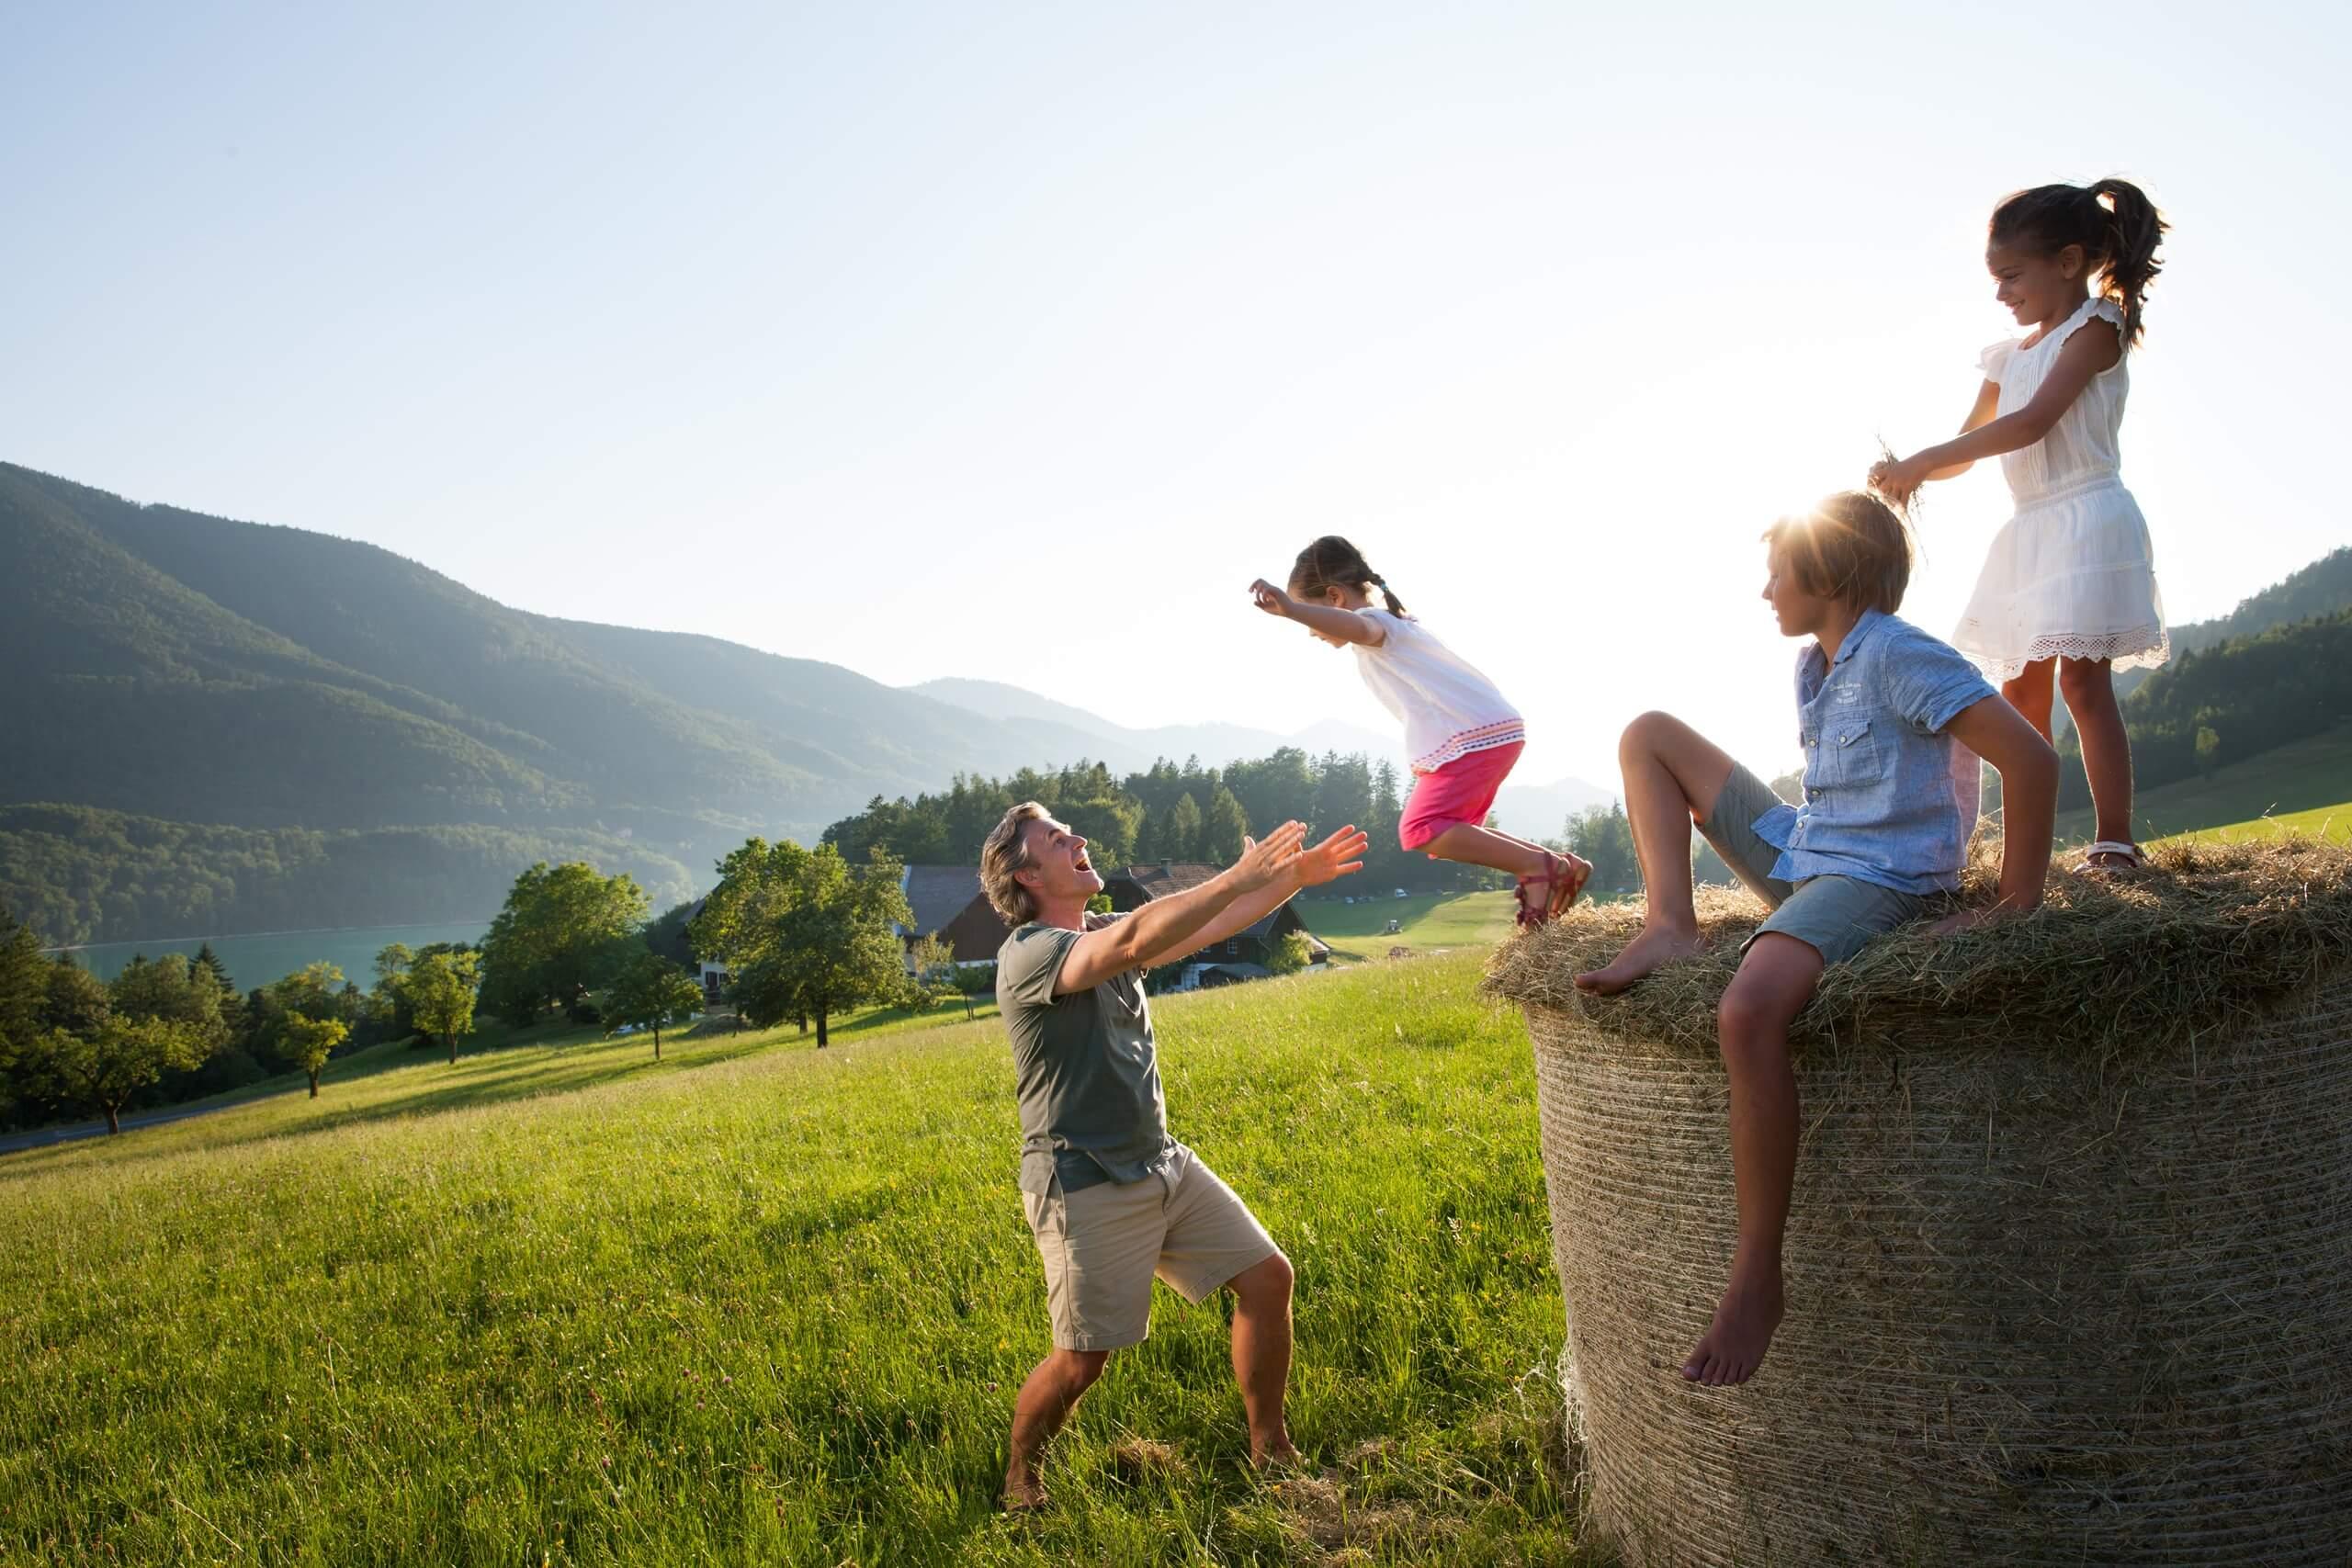 15-daagse auto familierondreis Duitsland, Oostenrijk, Italië, Zwitserland en Liechtenstein - De mooiste uitzichten in 5 landen